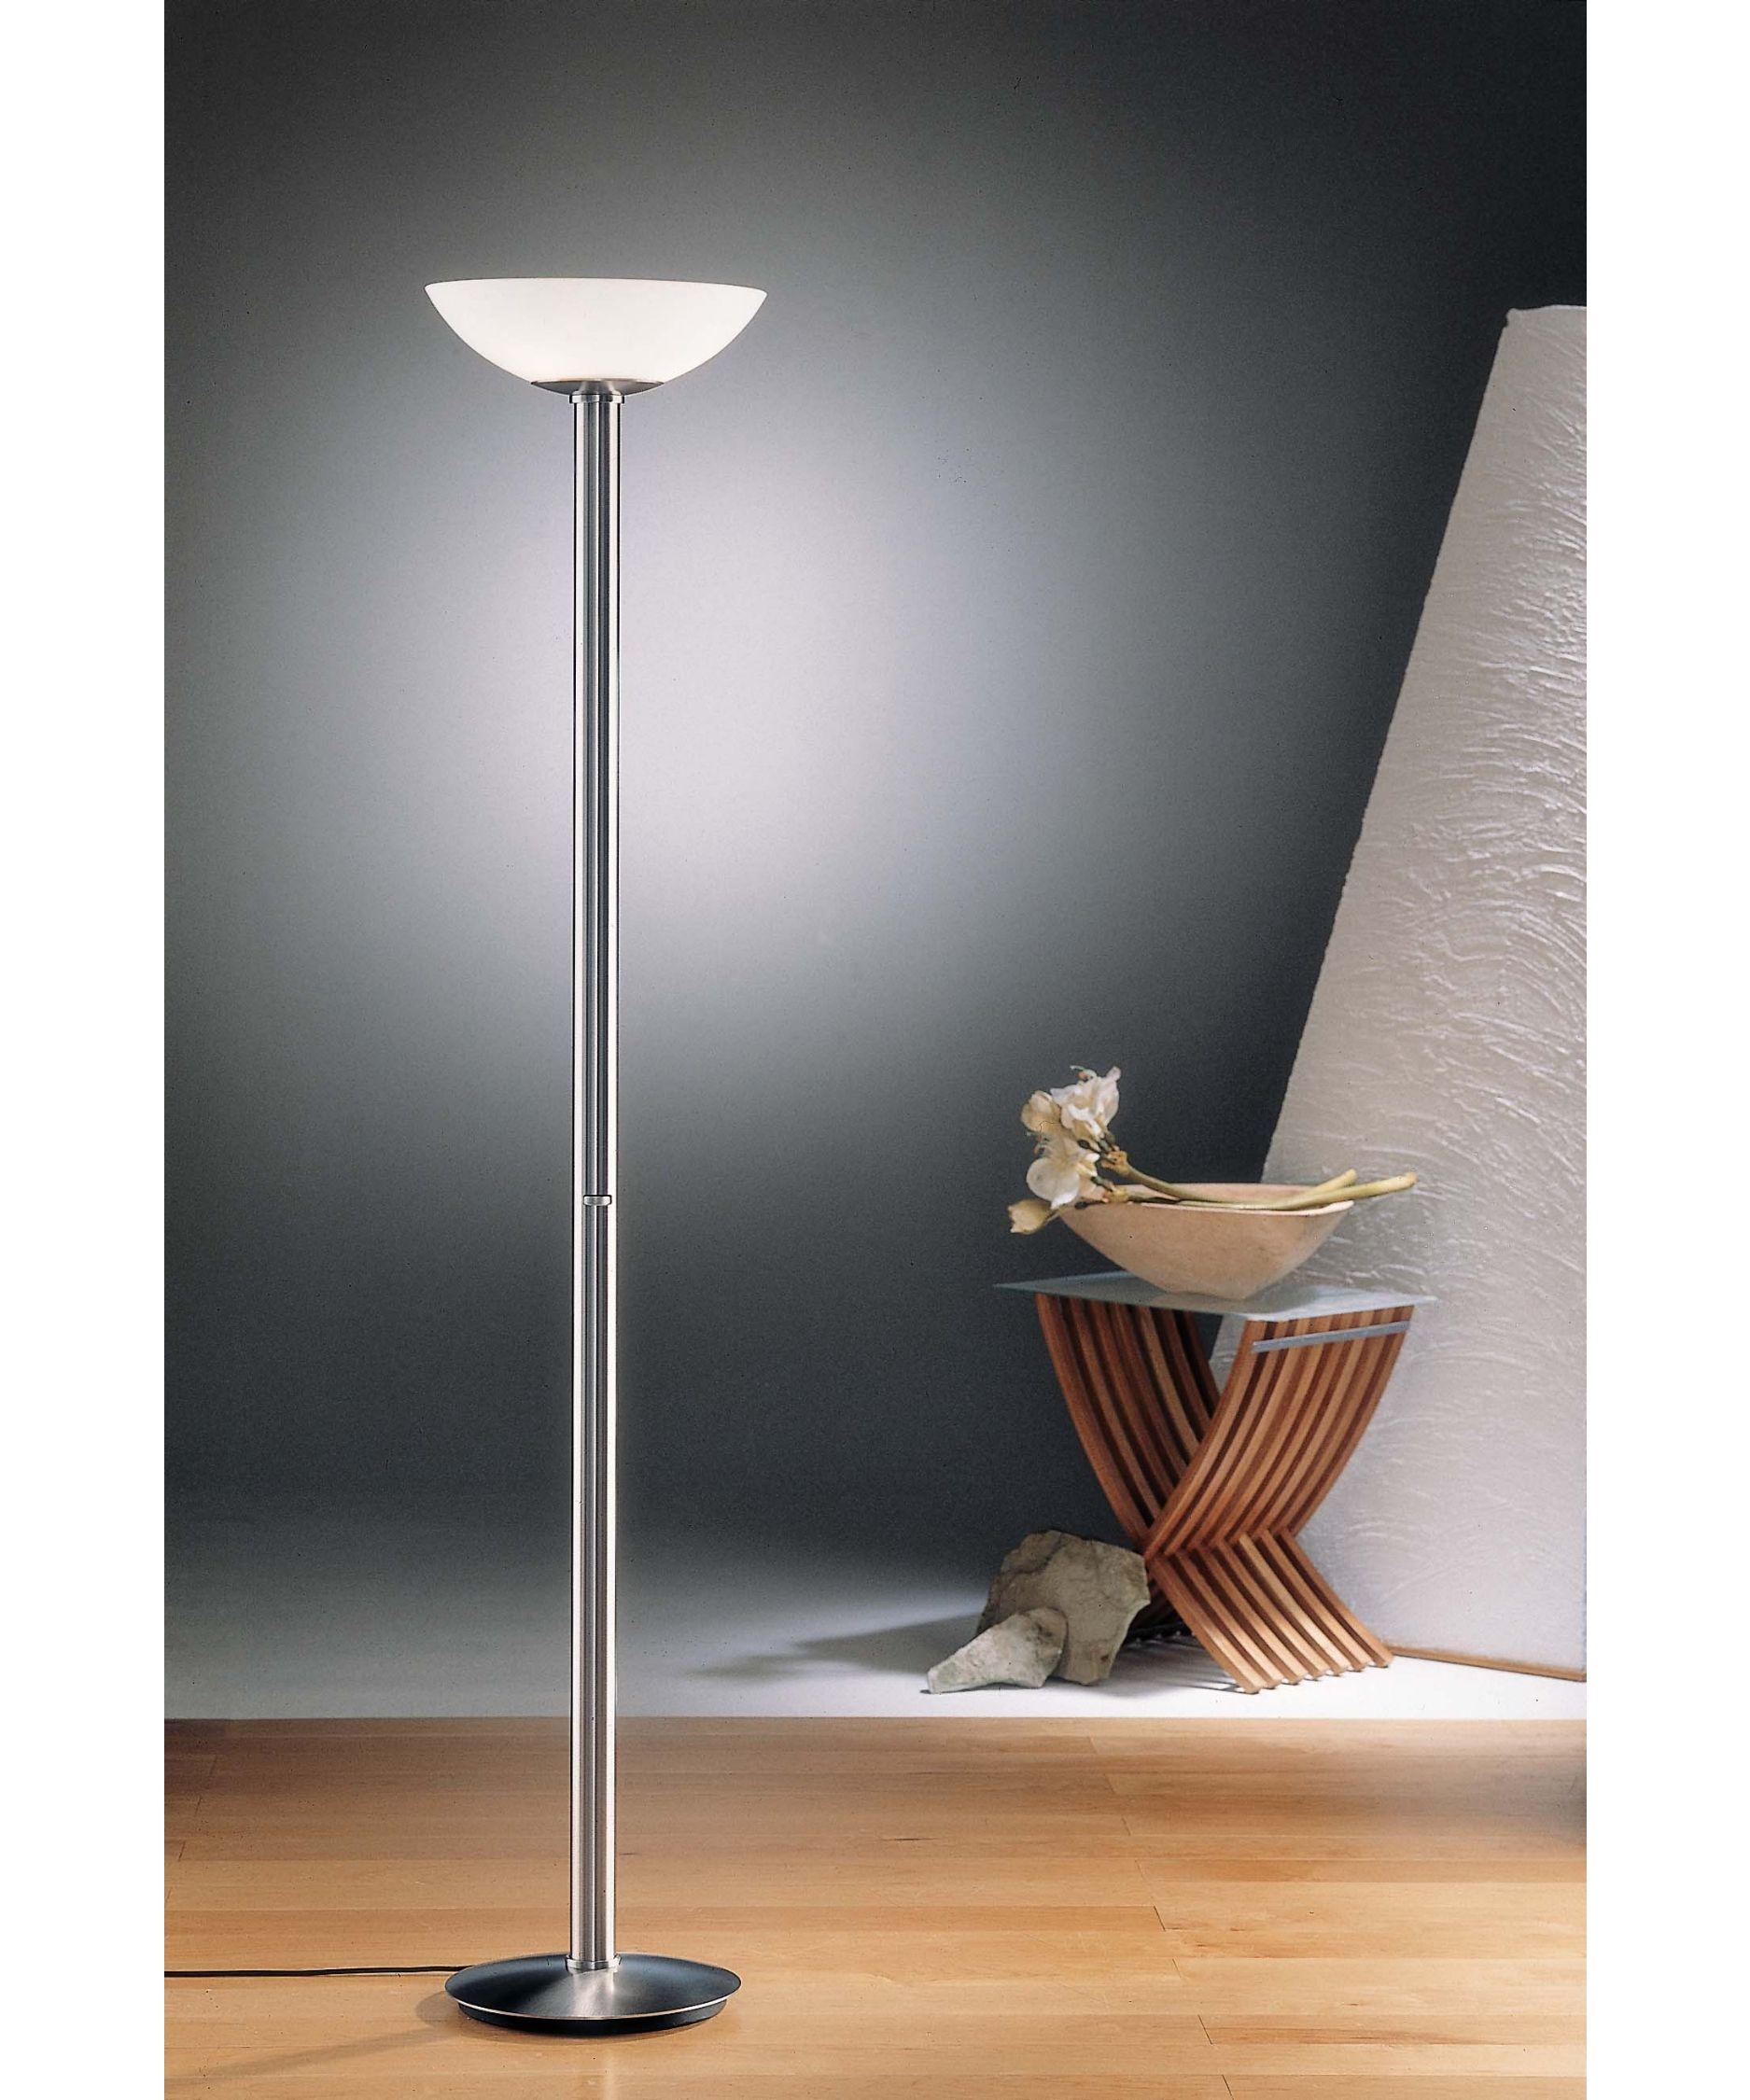 Halogen Uplighter Floor Lamp With Dimmer